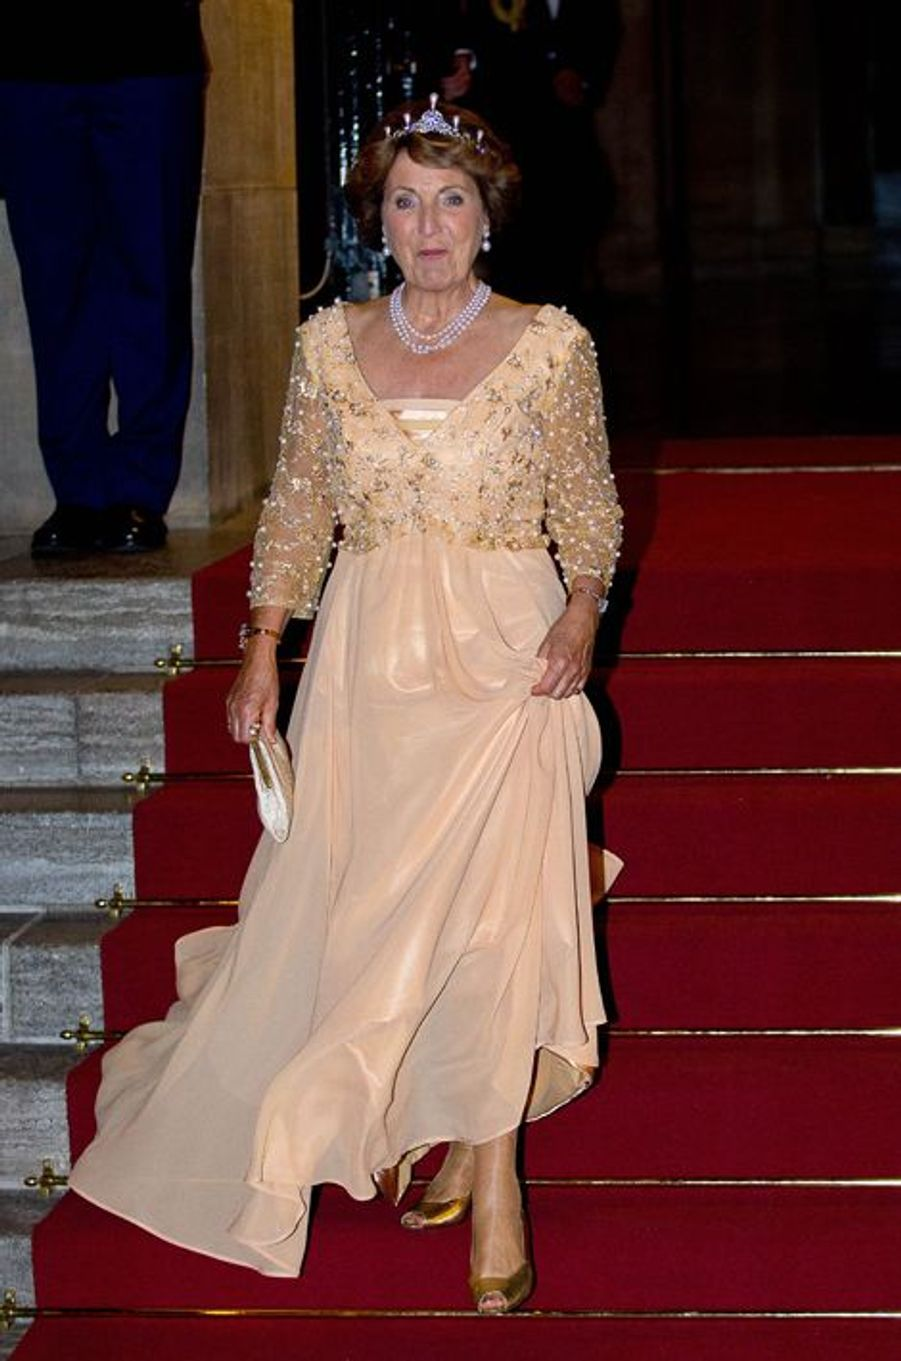 La princesse Margriet des Pays-Bas après le dîner de gala des diplomates à Amsterdam, le 24 juin 2015